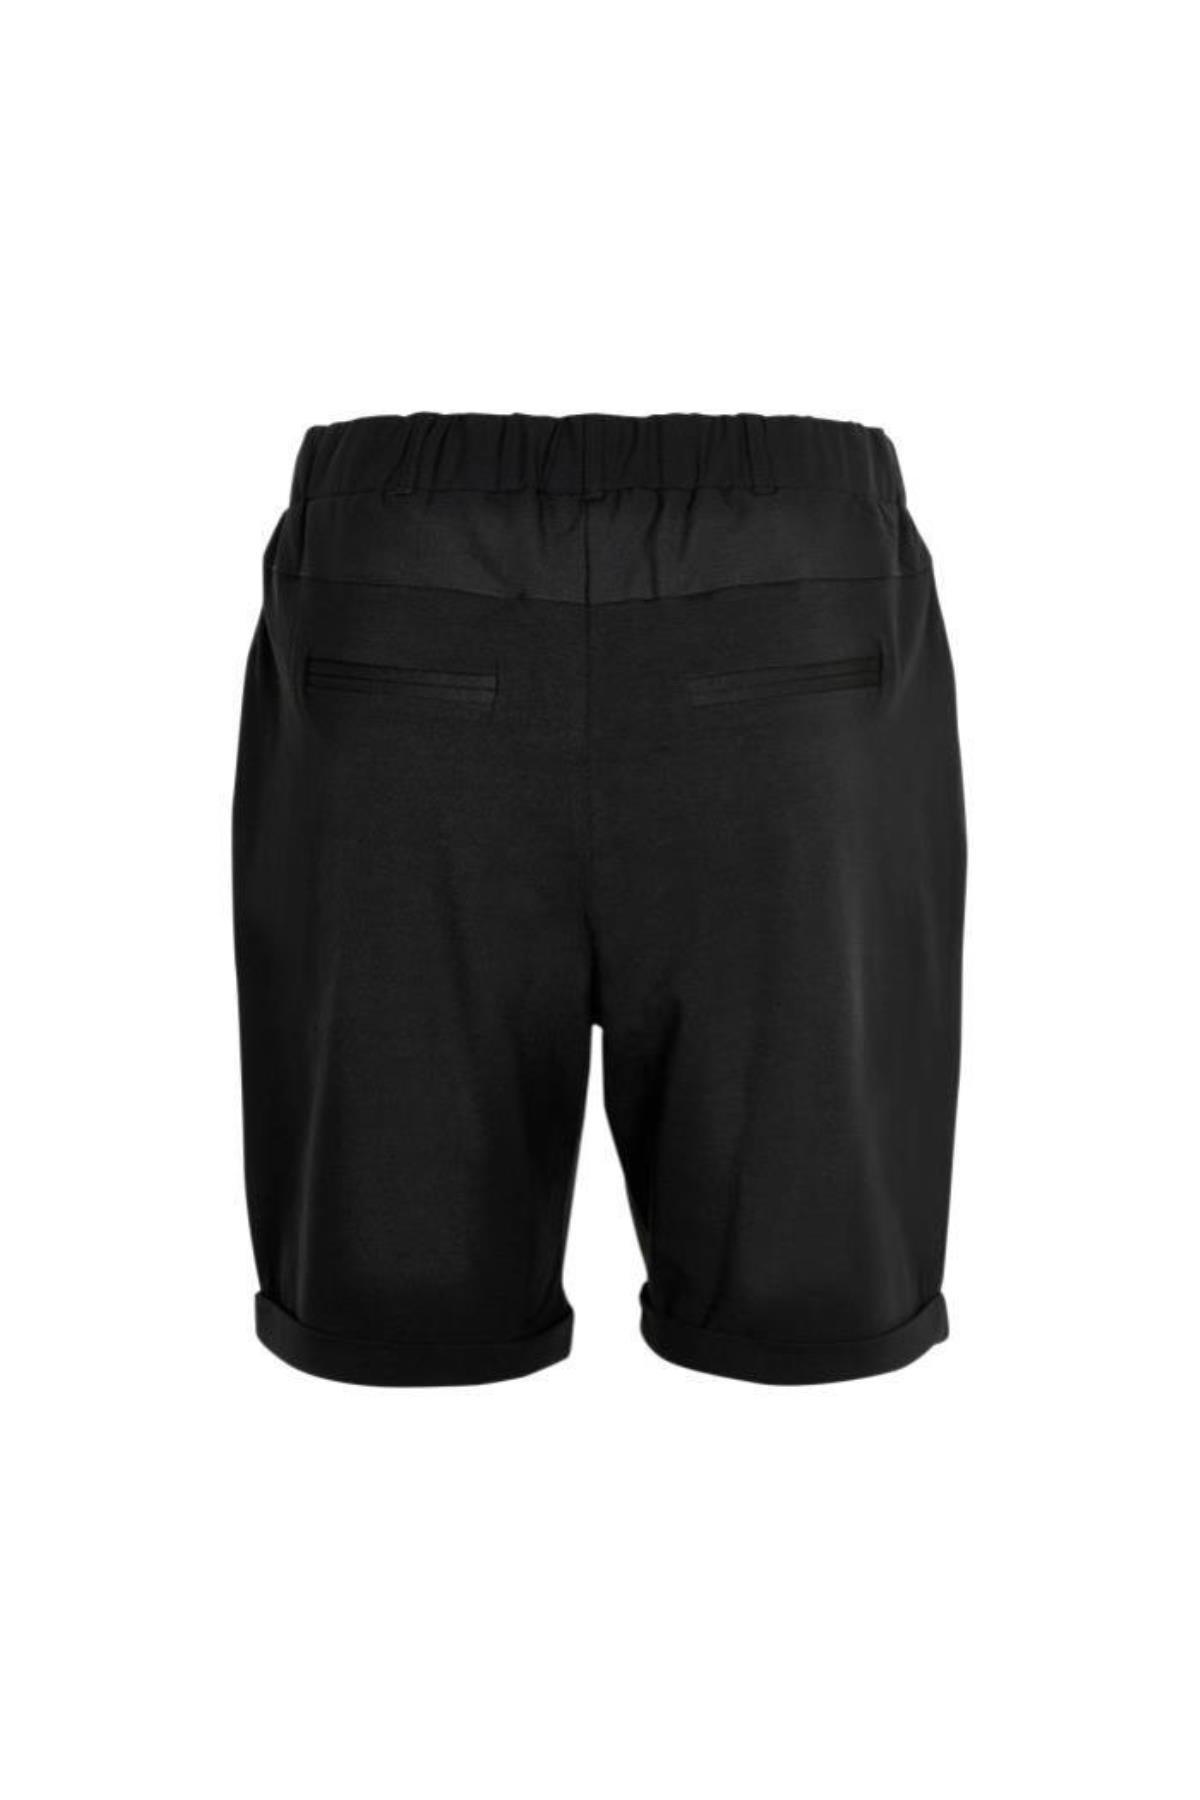 Svart Shorts från Kaffe – Köp Svart Shorts från stl. 32-46 här